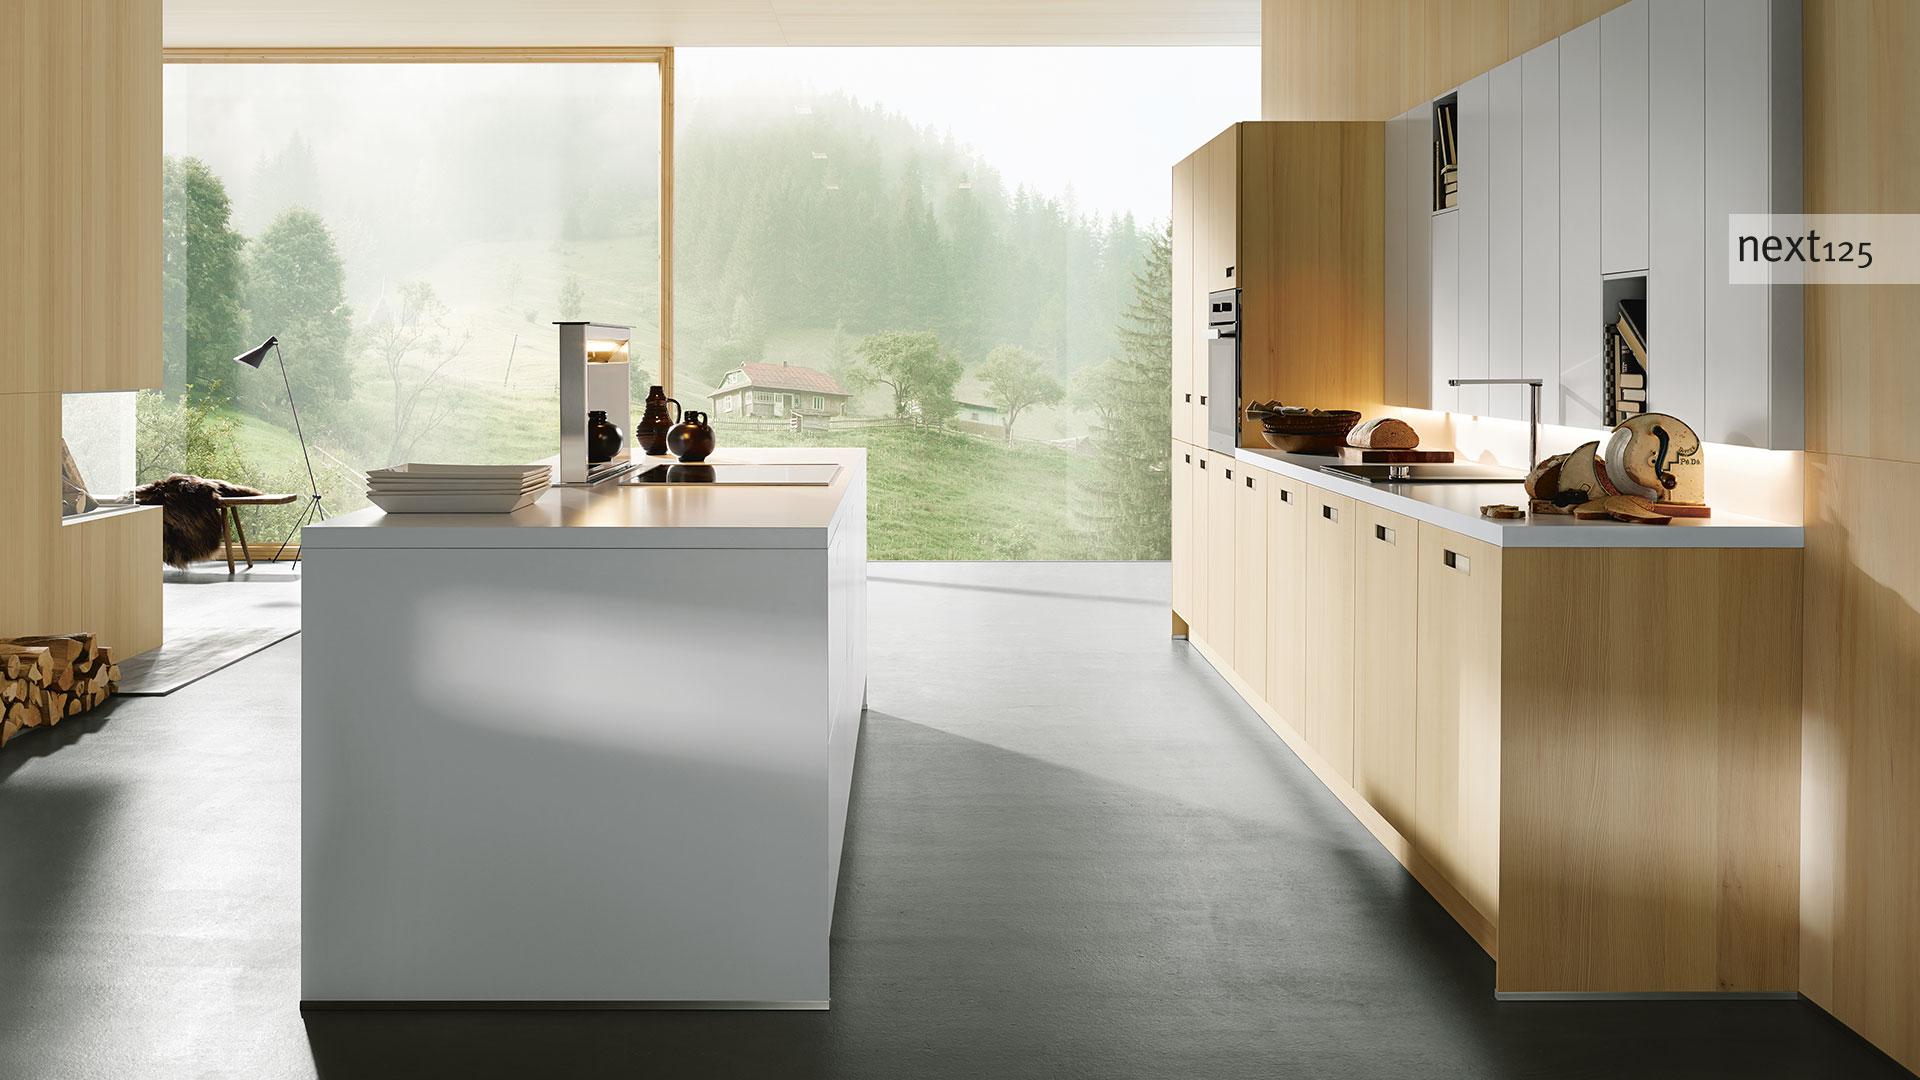 next125 Küche weiß mit Holz Miele Center Küchenstudio Pellet Wien